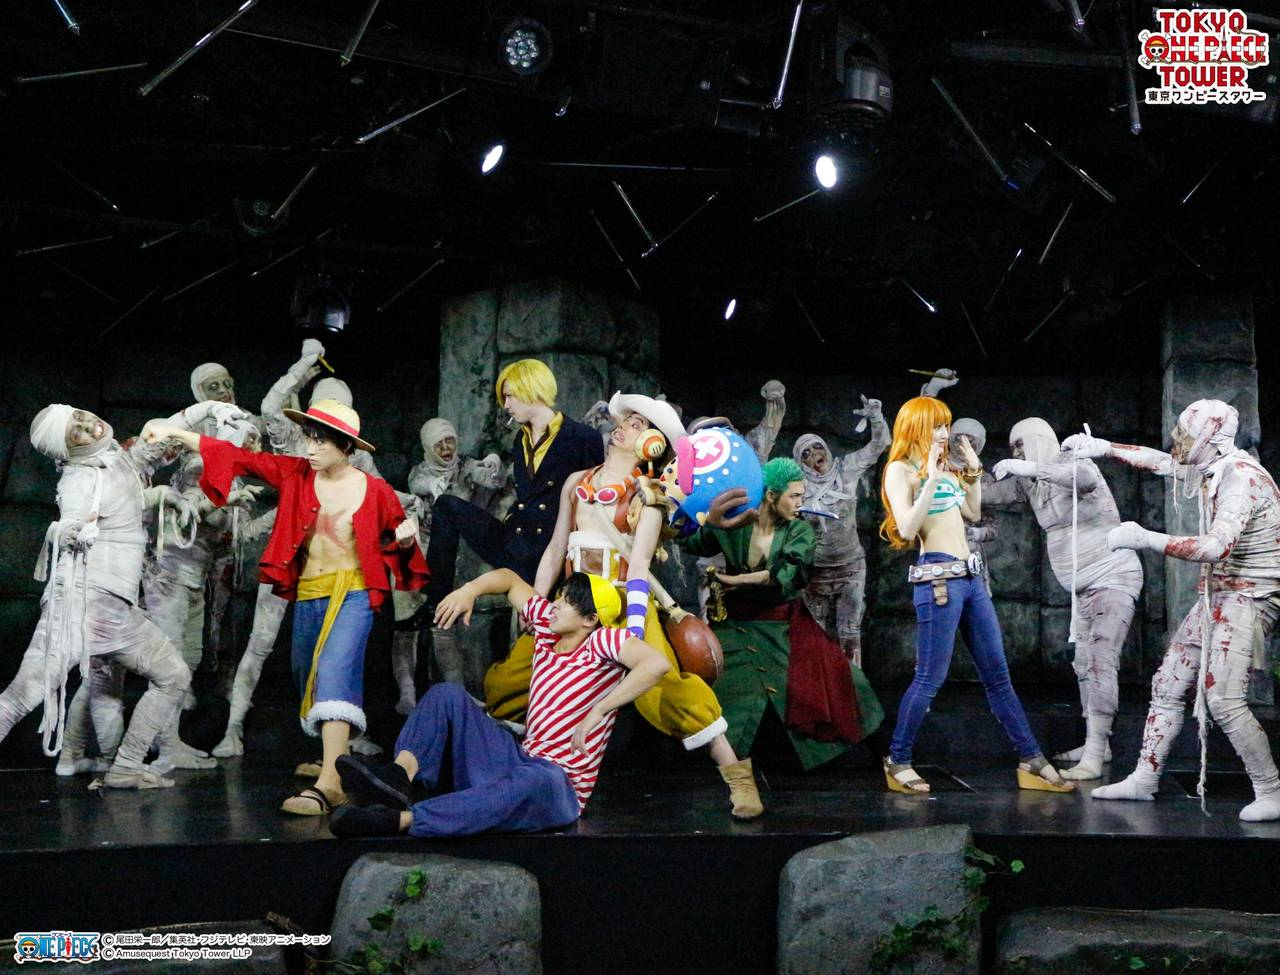 東京ワンピースタワーミッションクリア型ホラーイベント「難破船からの訪問者~蘇りしミイラの呪い~」